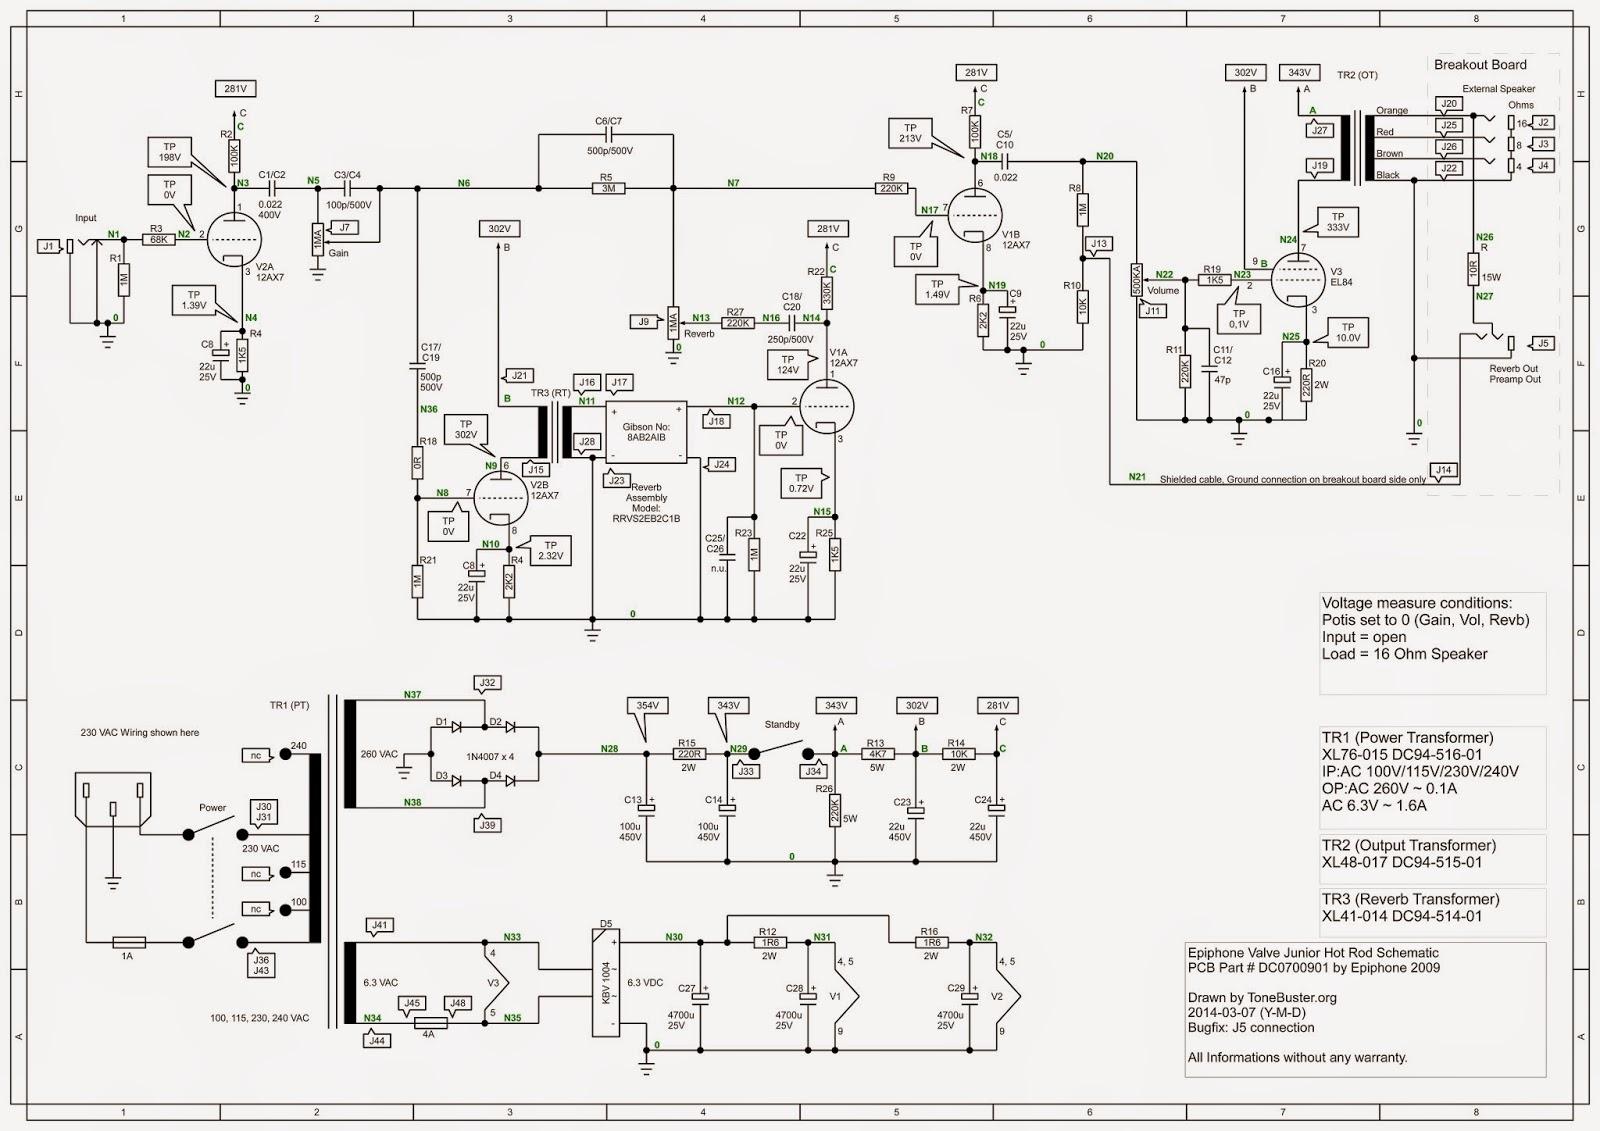 wiring teisco diagram cm10b schematic diagramwiring teisco diagram cm10b manual e books teisco spectrum 4 wiring [ 1600 x 1131 Pixel ]